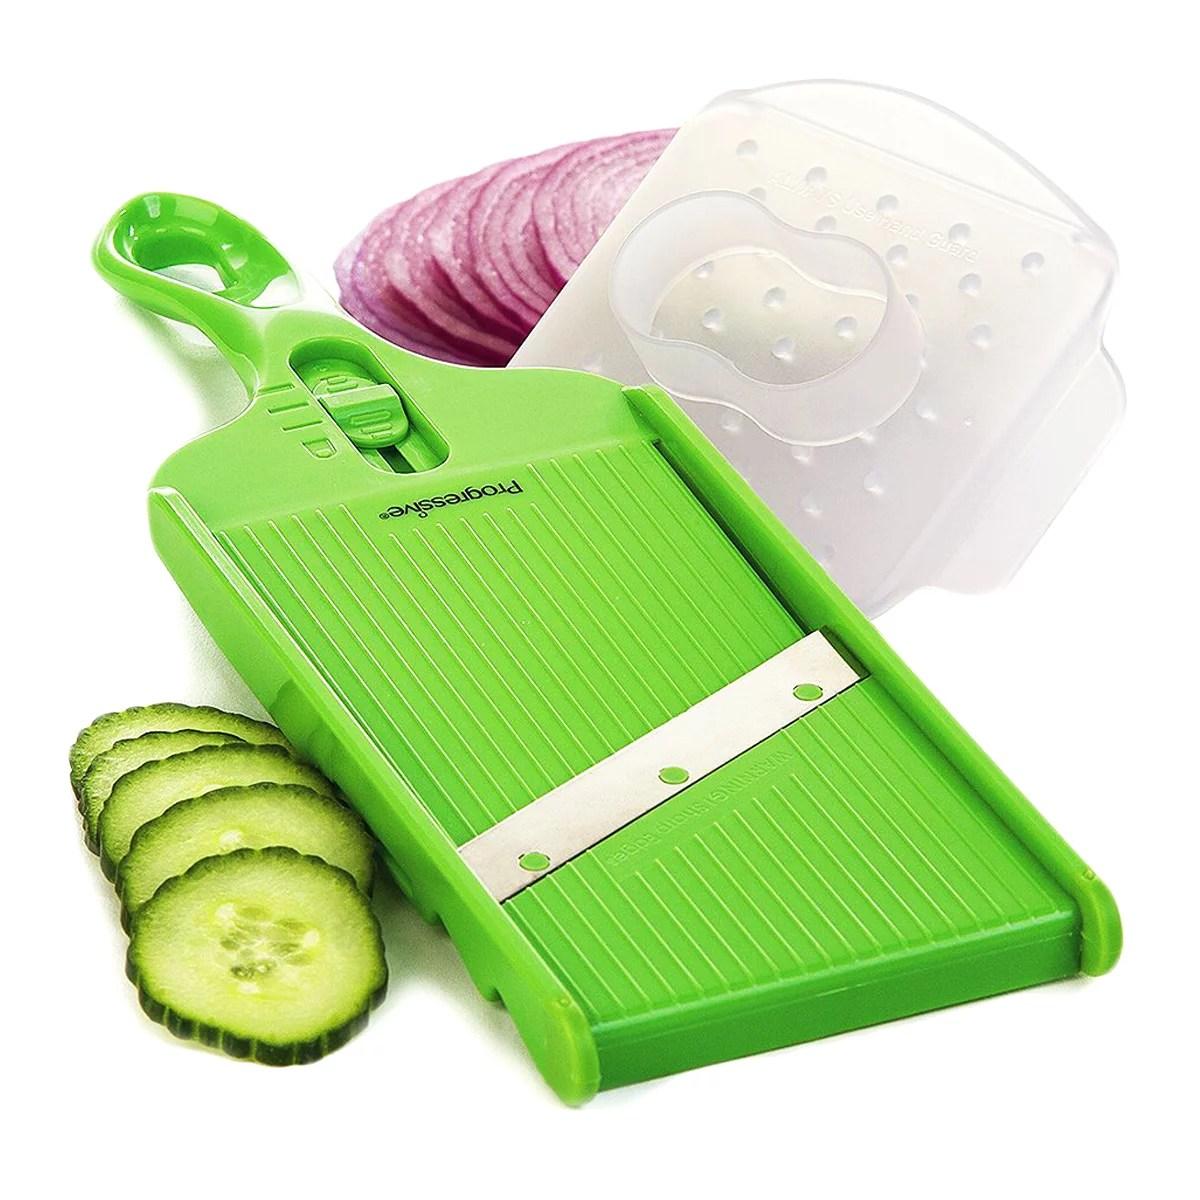 mandolin kitchen slicer industrial stools prepworks progressive adjustable hand blade vegetables walmart com